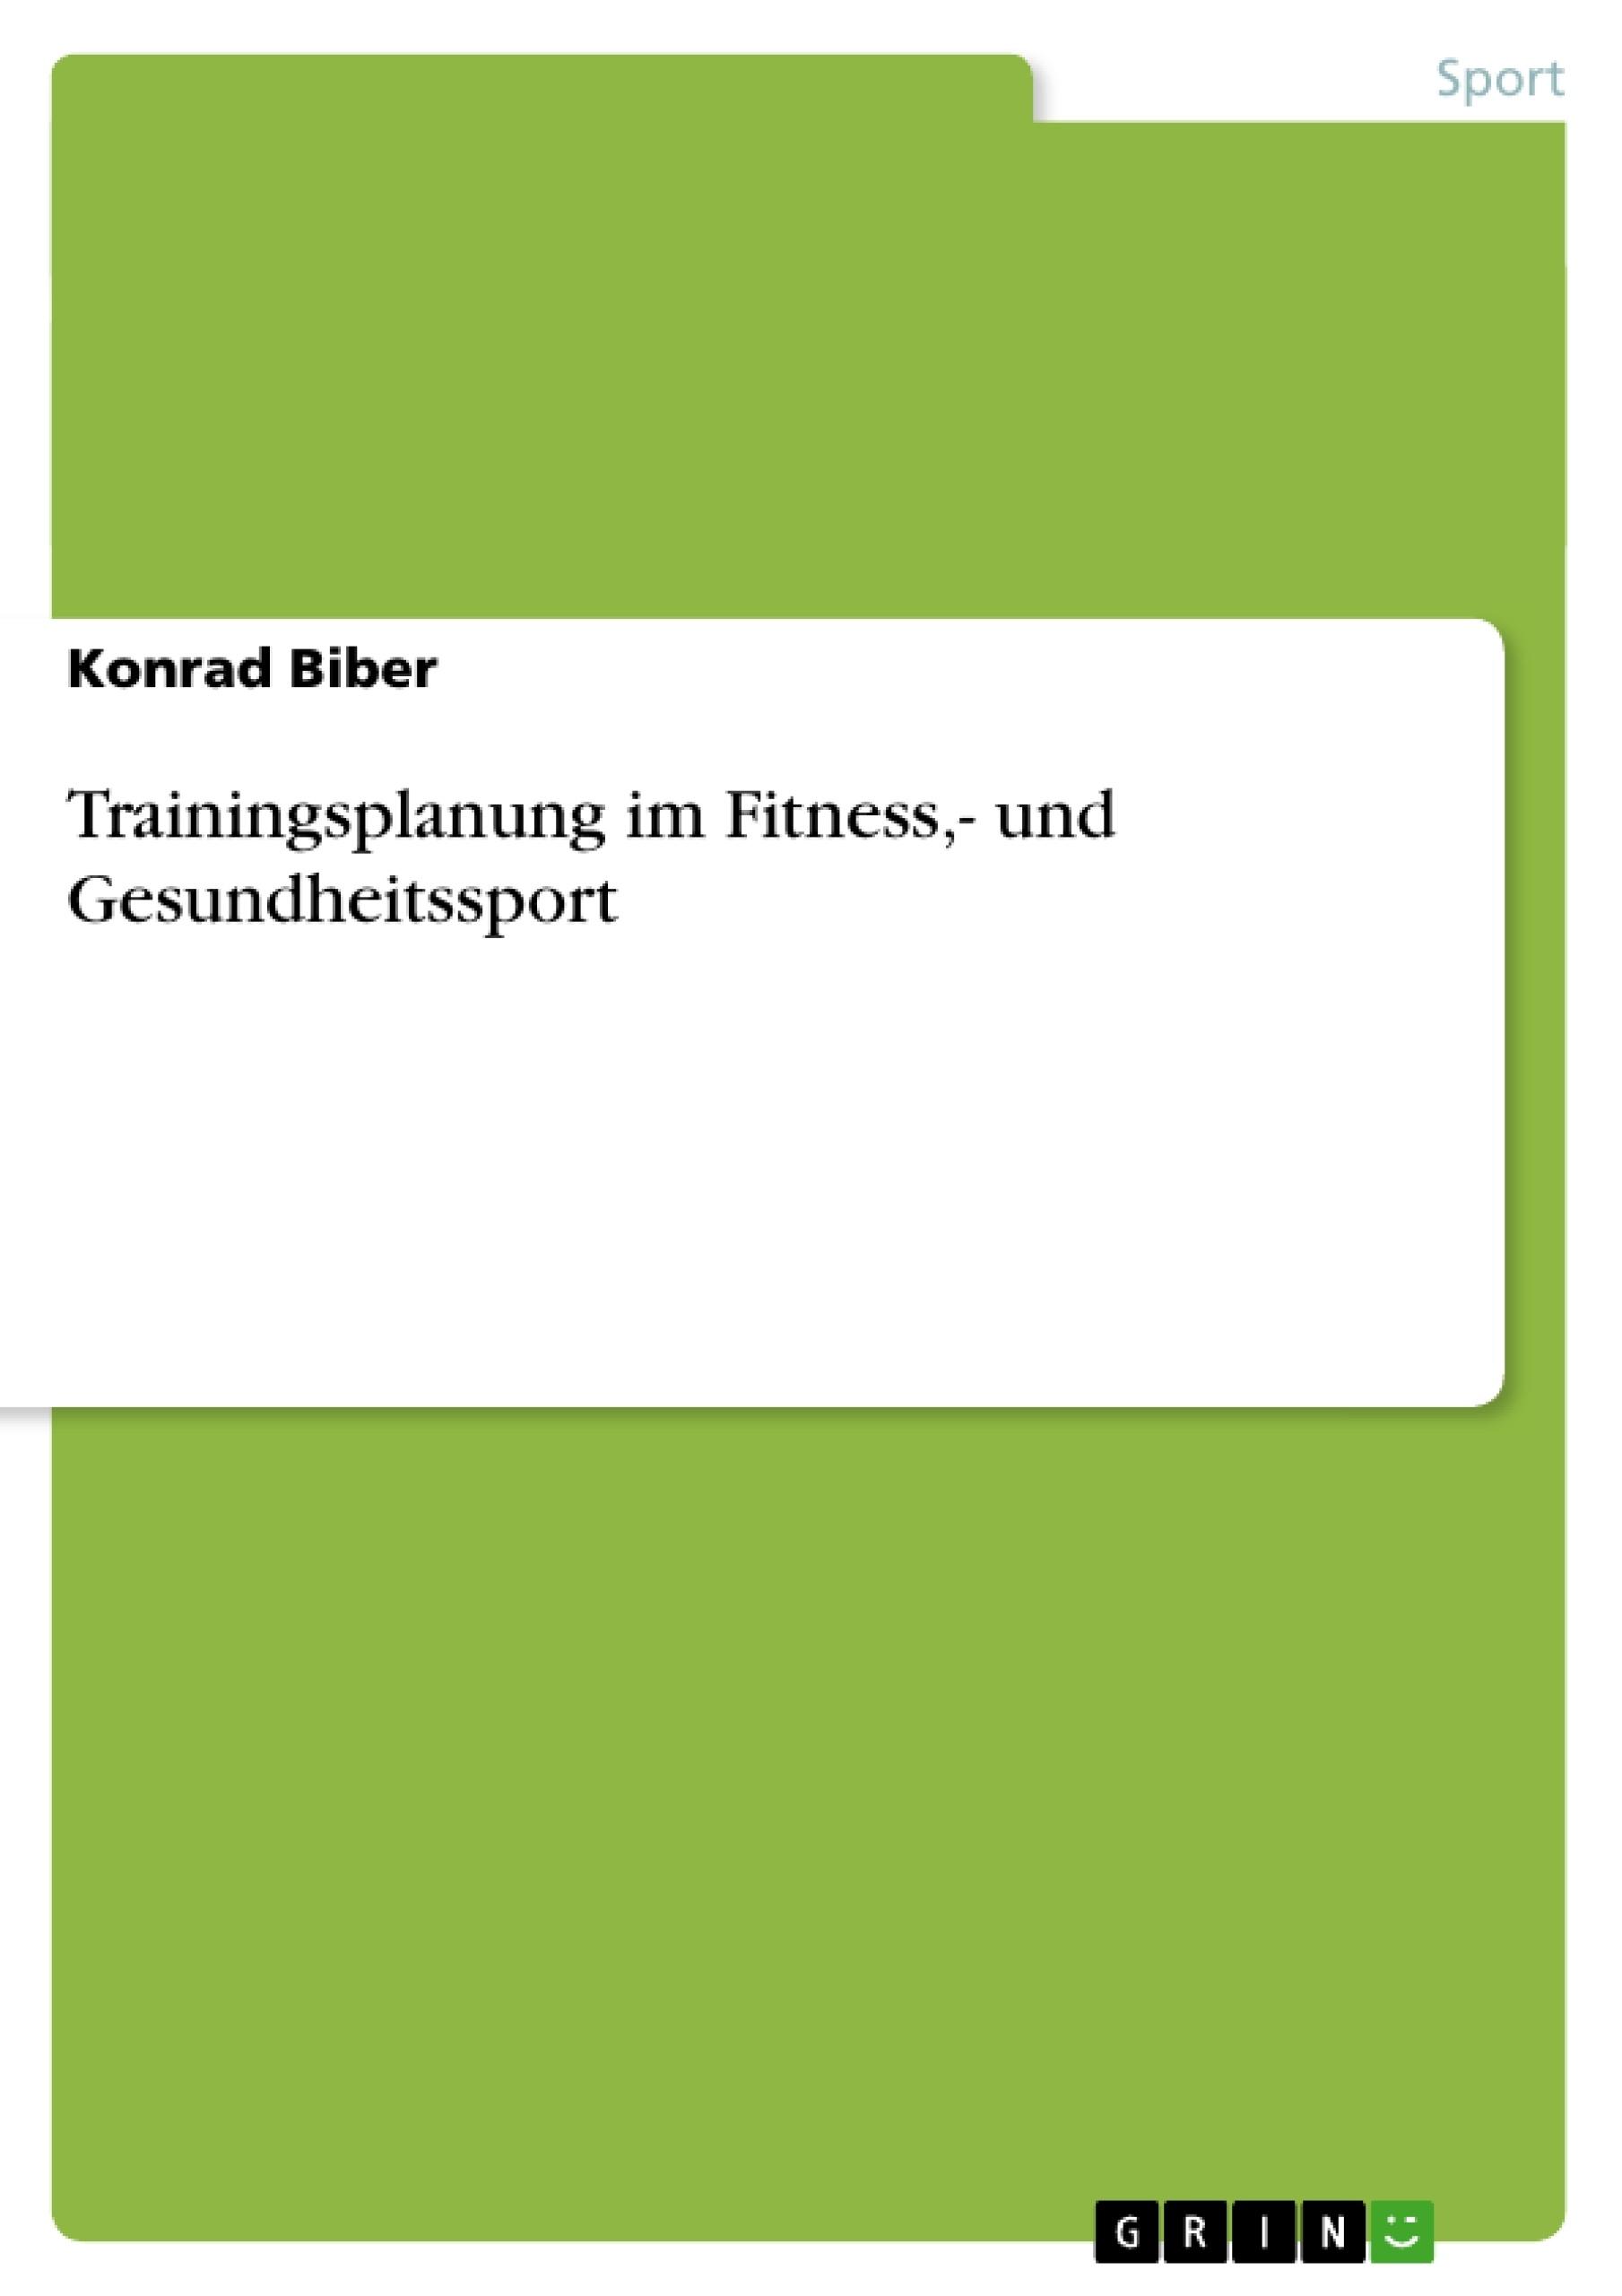 Titel: Trainingsplanung im Fitness,- und Gesundheitssport